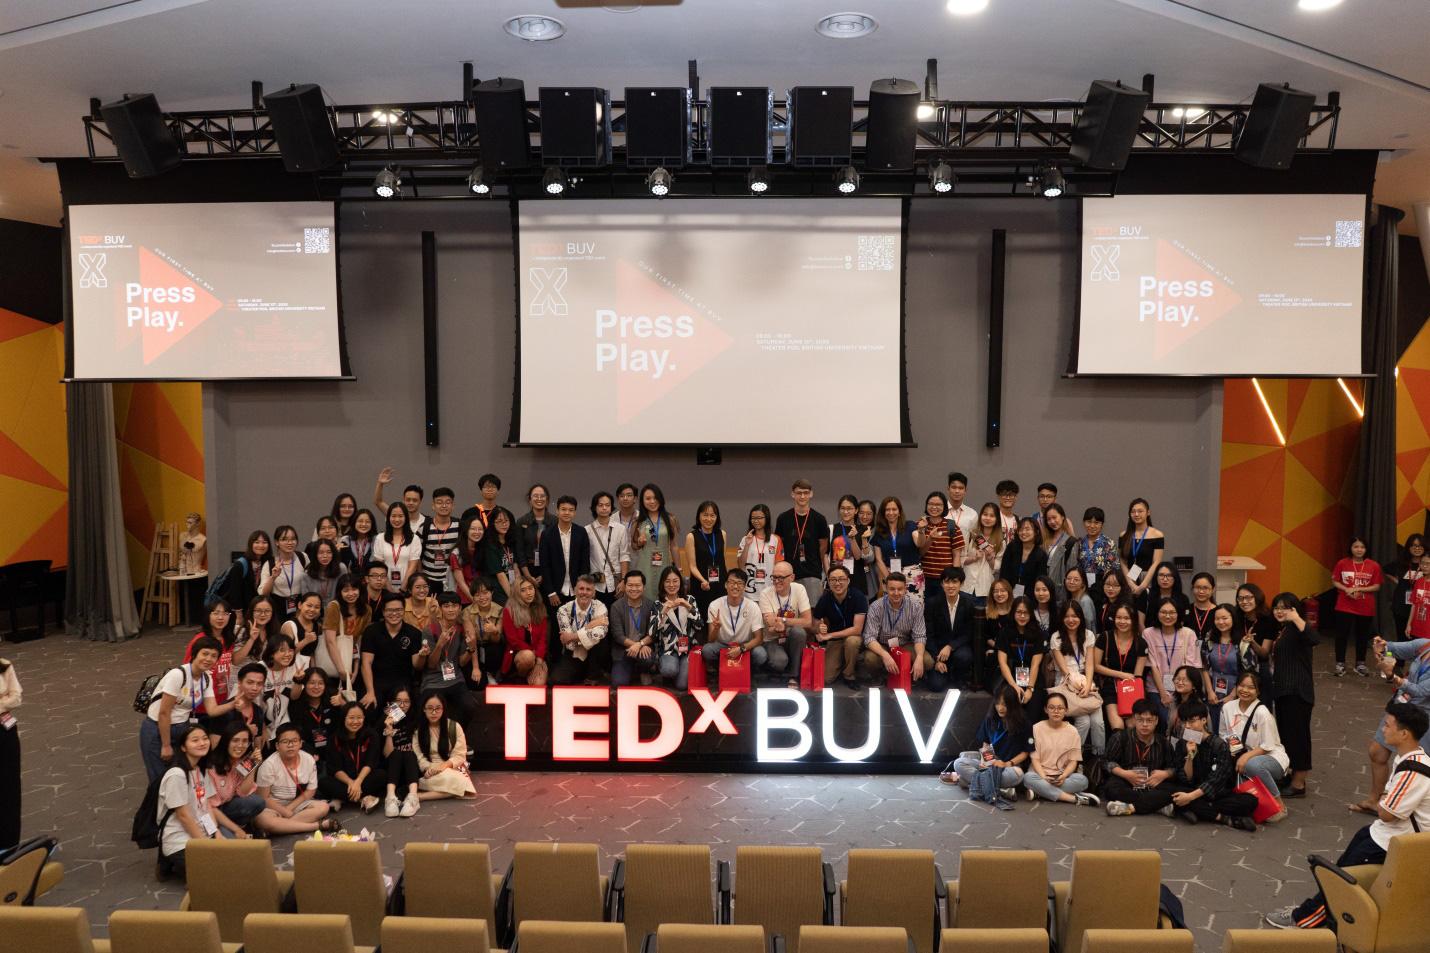 """TEDxBUV: """"Press Play"""" – Chương trình diễn thuyết tầm cỡ quốc tế mang đậm dấu ấn sinh viên - Ảnh 6."""